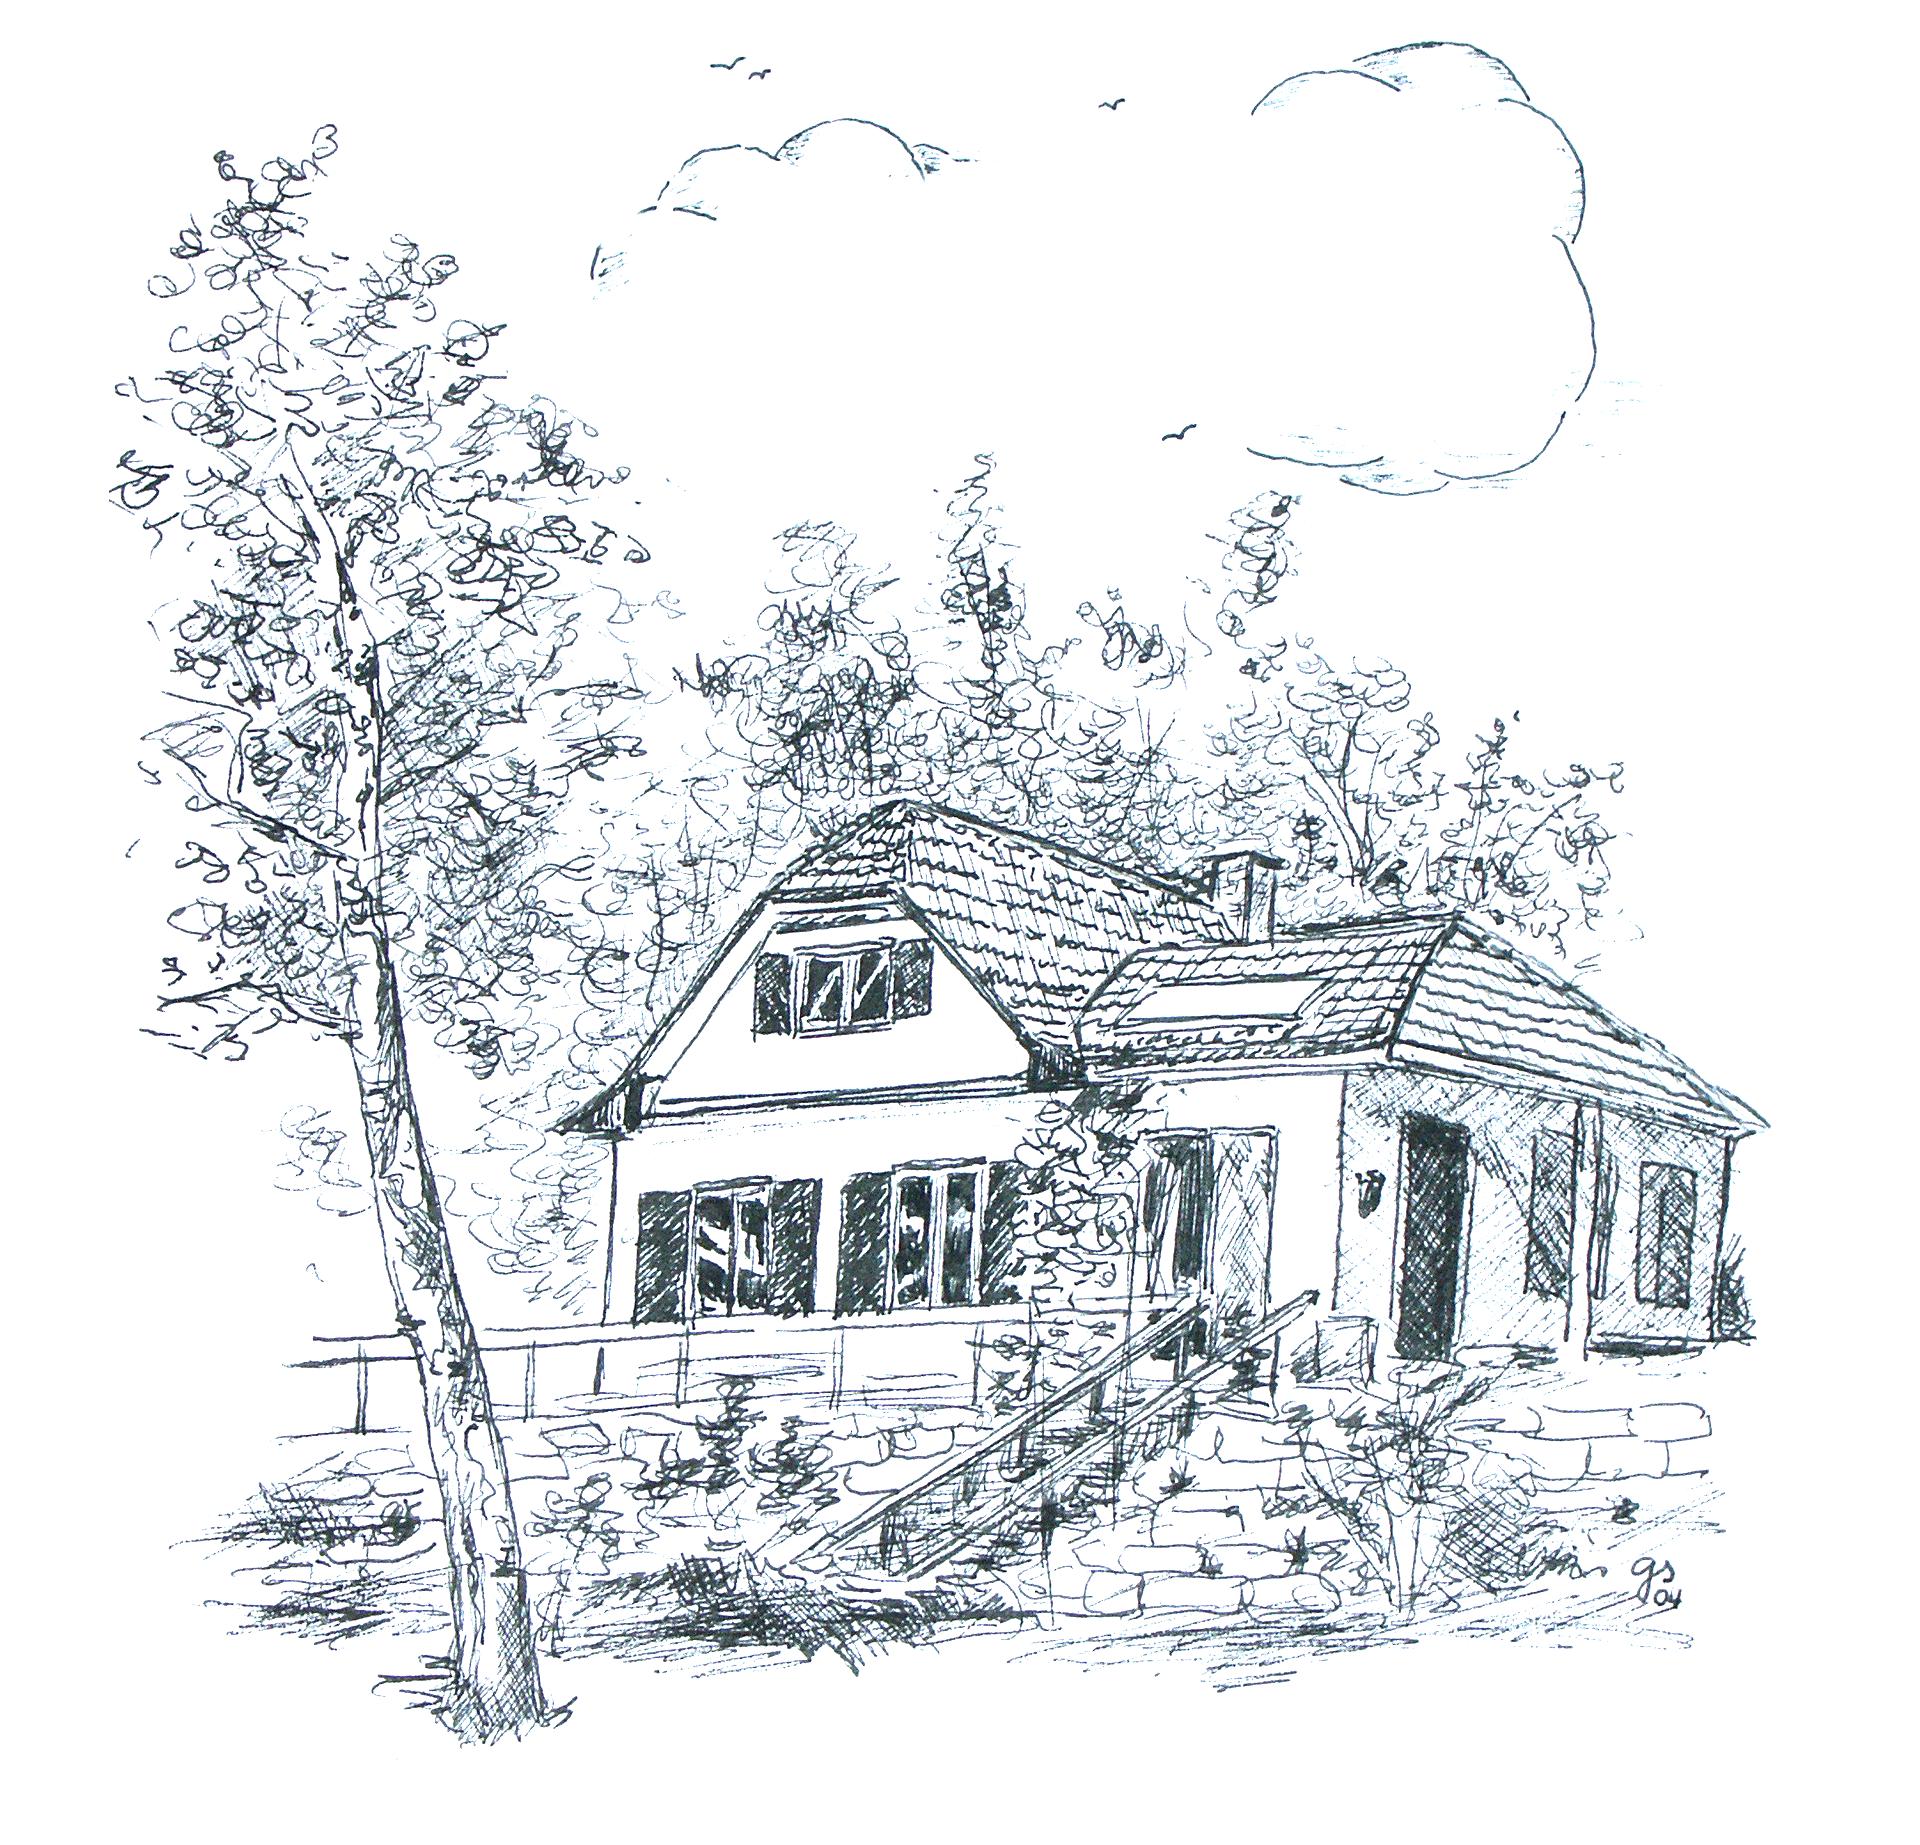 Kornberghütte Drawing